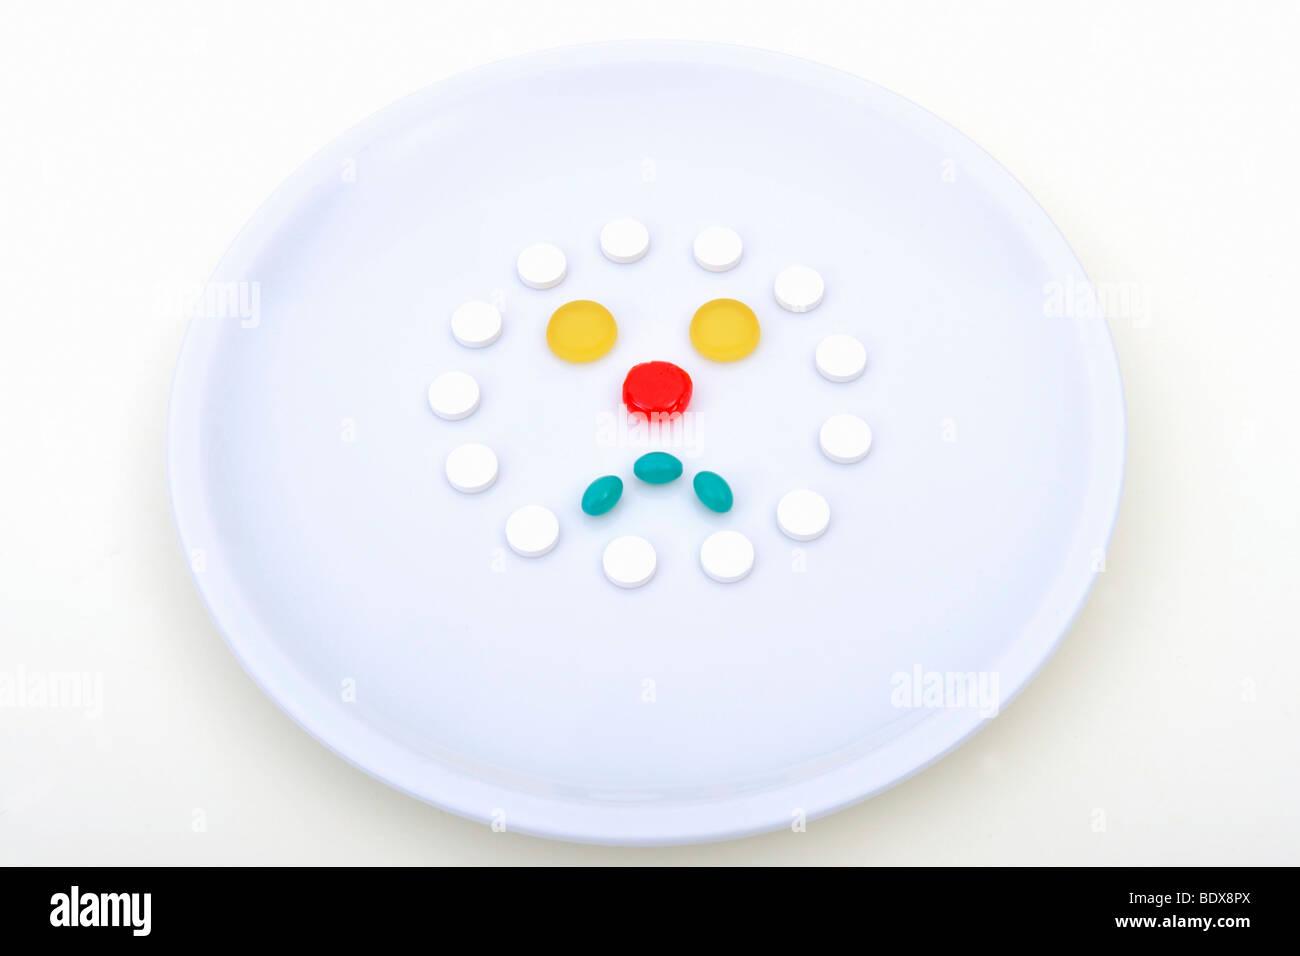 Imagen simbólica para consumo de alimentos sintéticos, la píldora, el abuso de drogas Imagen De Stock